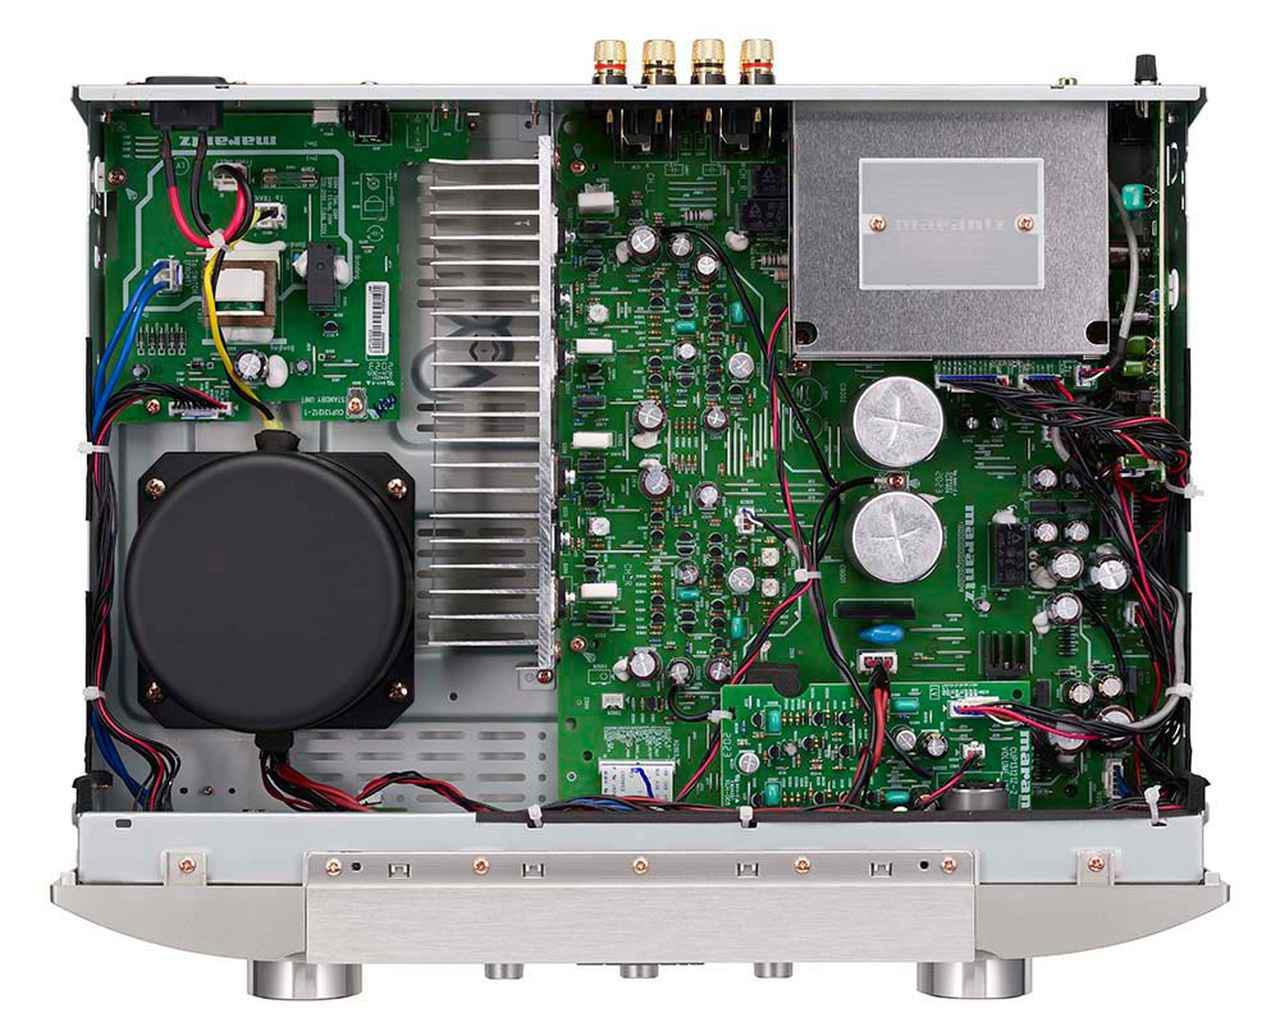 画像: 写真左上には上級モデルから継承した大型トロイダルトランスを搭載。右上のシールドされている部分がDACチップを含むデジタル回路だ